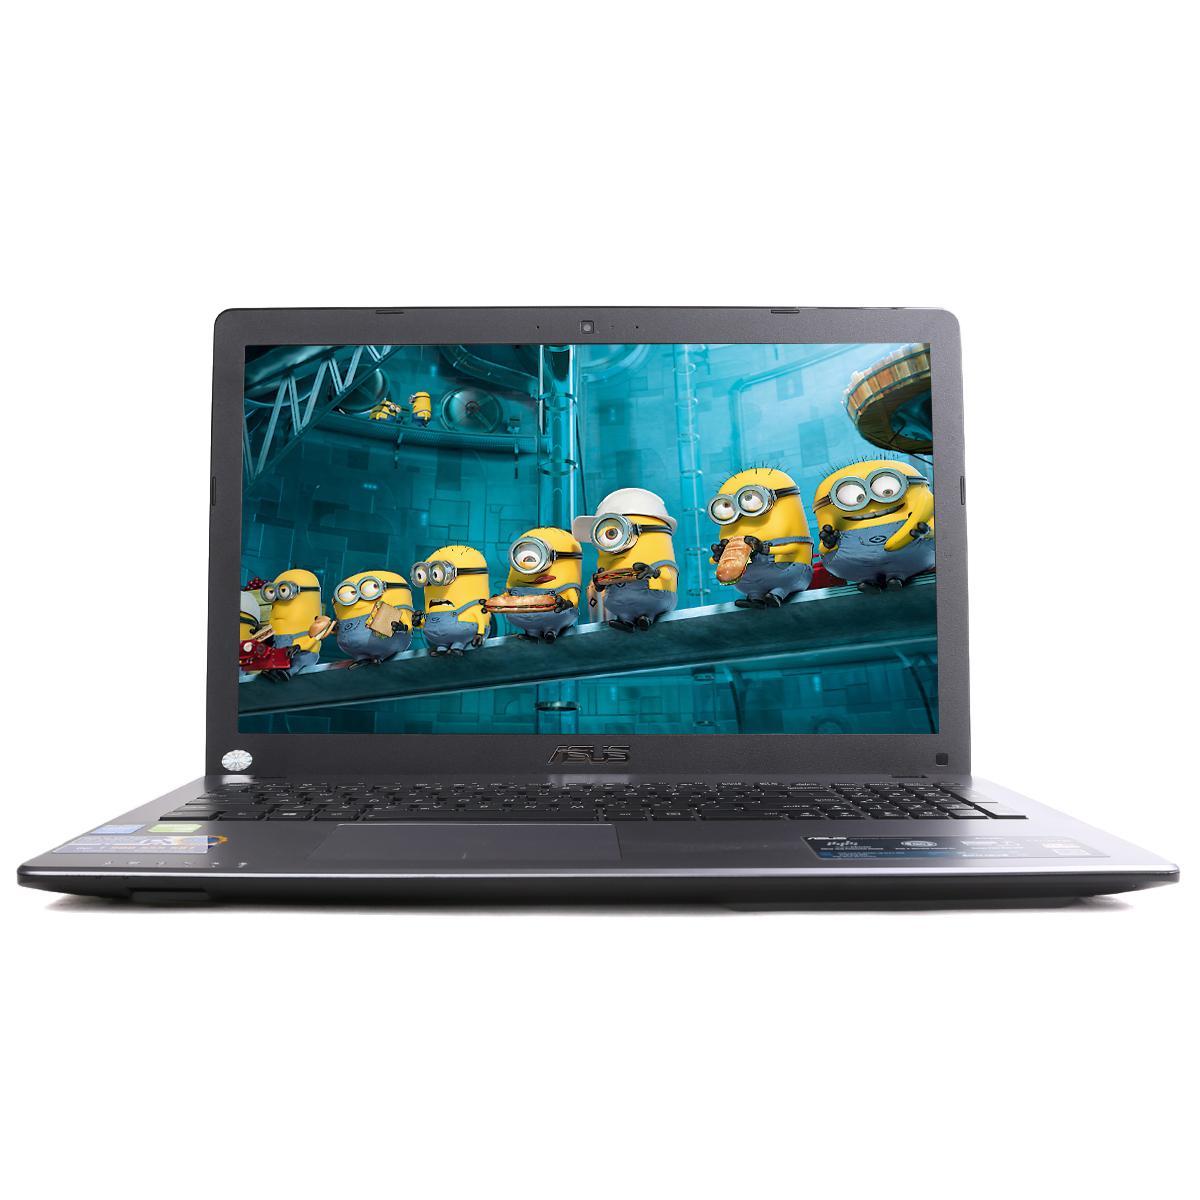 Asus A550LDV là laptop giá rẻ duy nhất sử dụng chip Core i7 được bán ra trong tháng 8, phù hợp với dân làm đồ họa